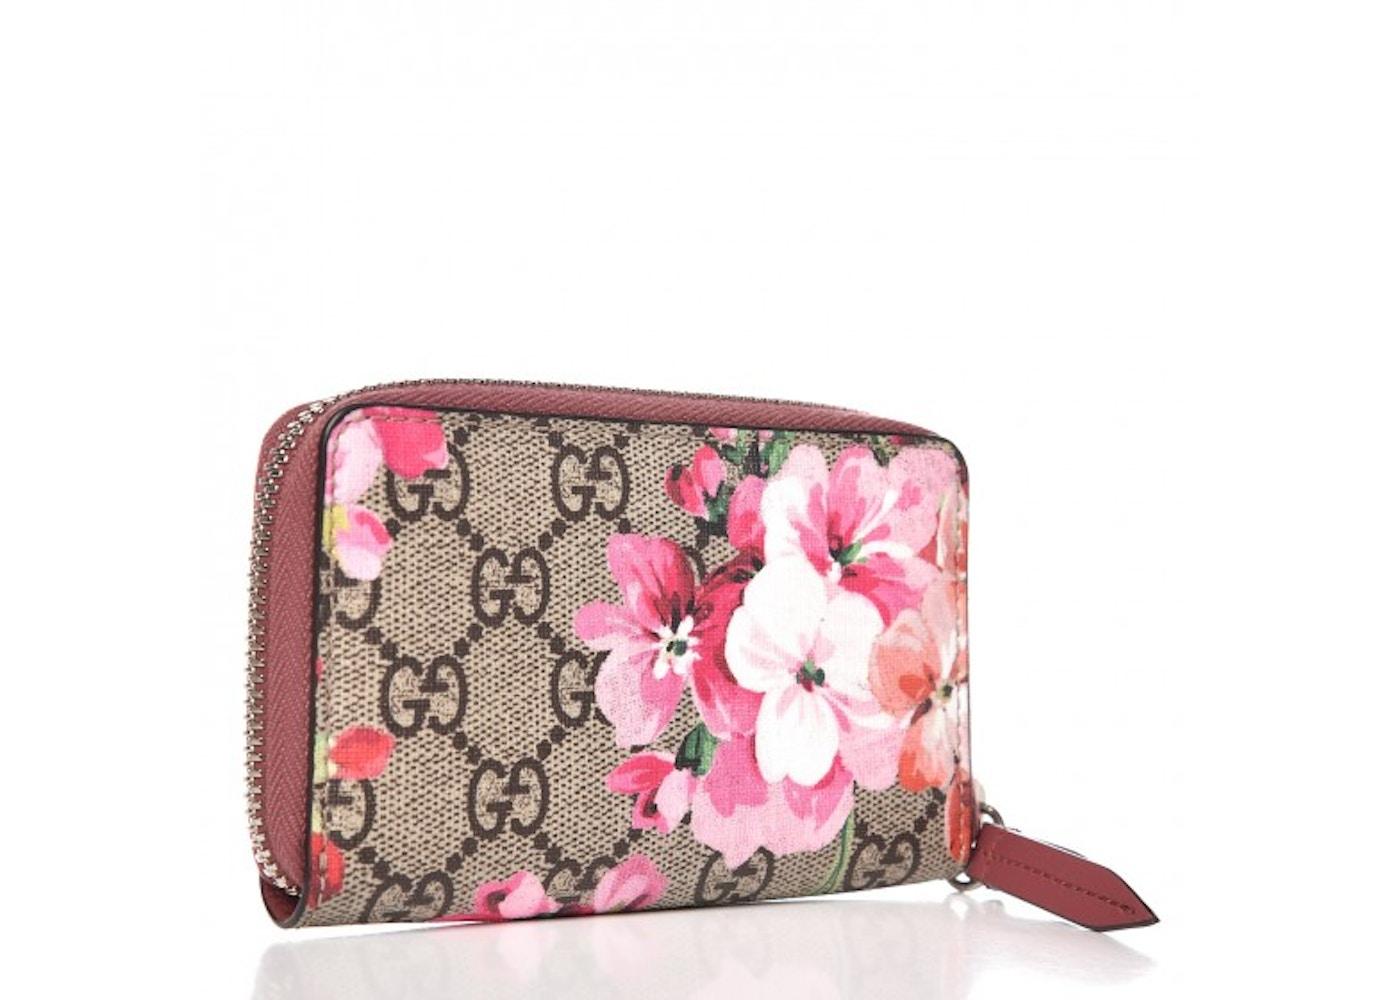 0b2614a5cb3d Buy & Sell Gucci Collectors Handbags